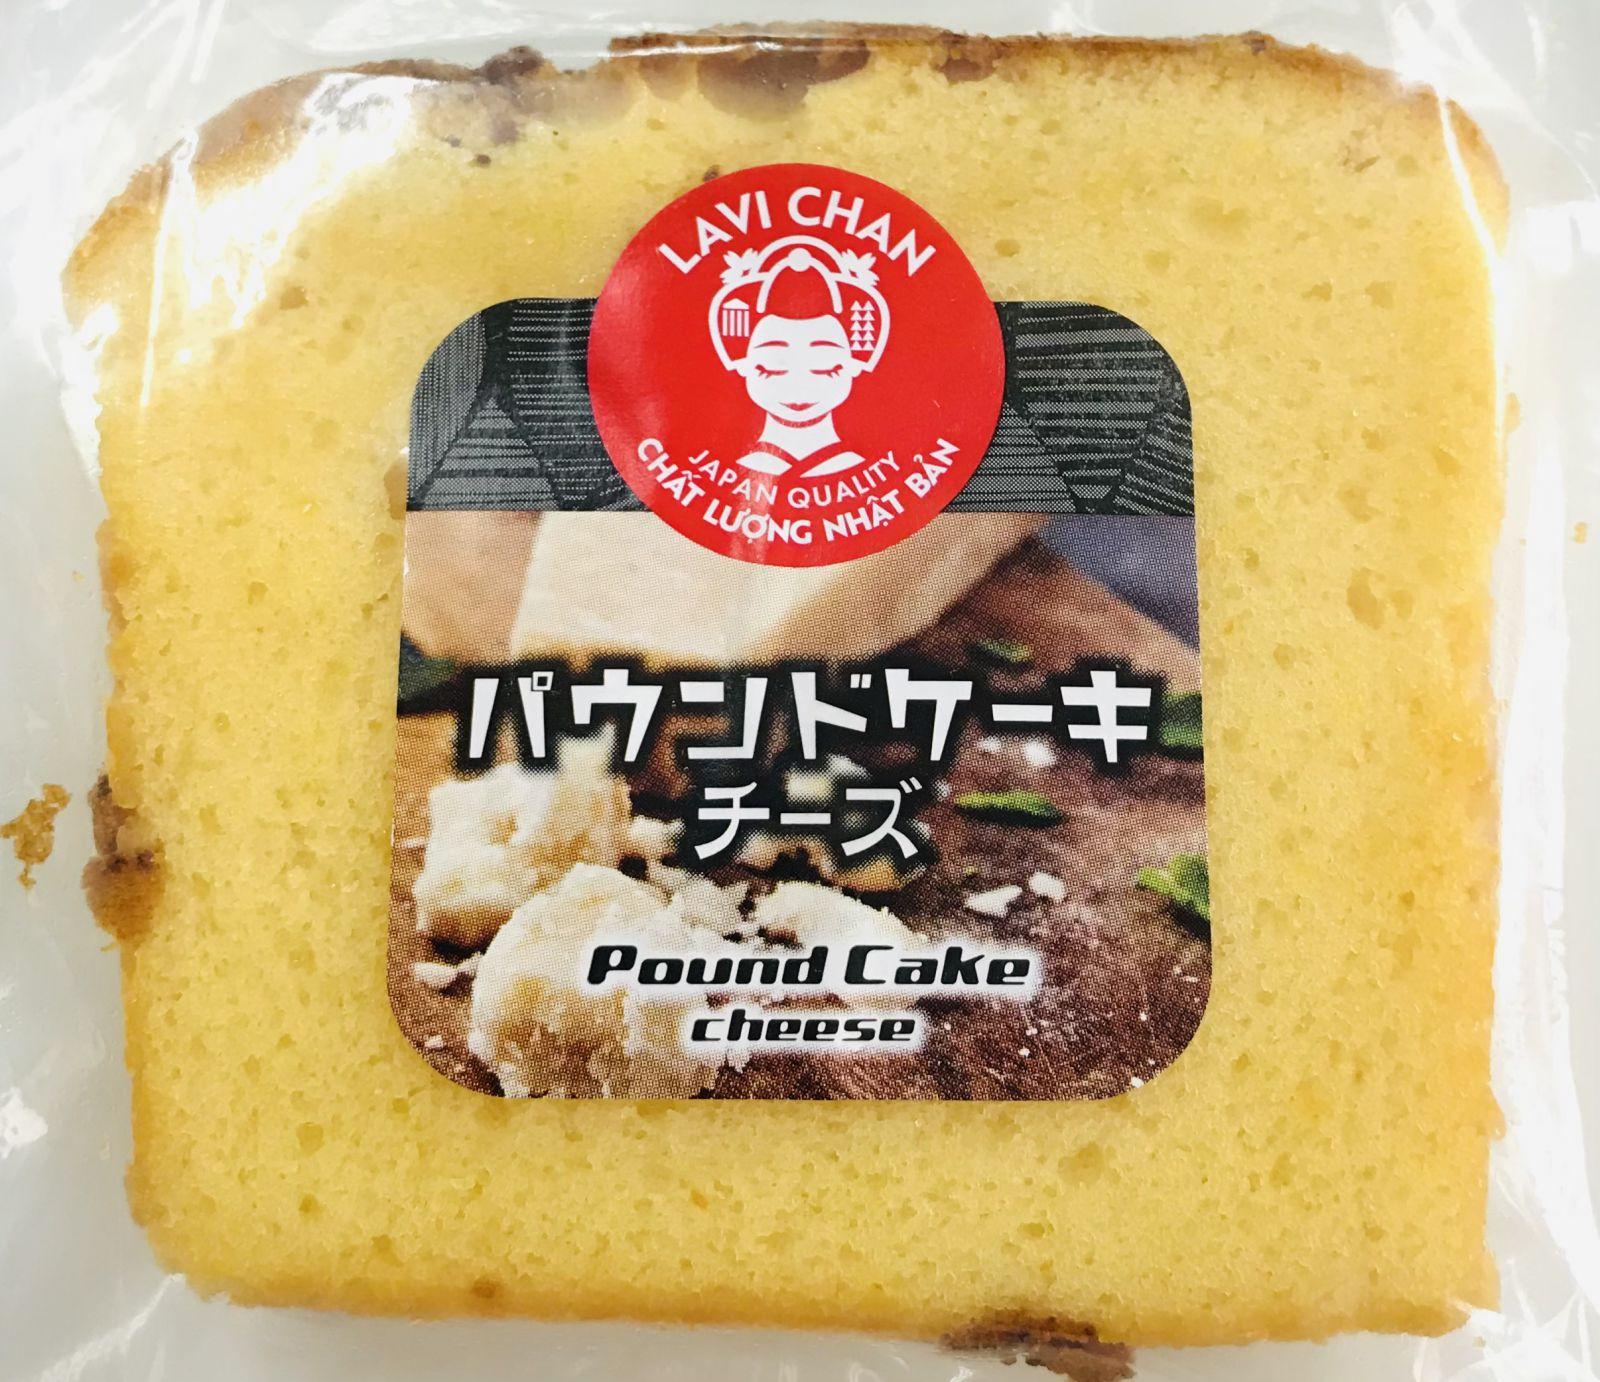 Pound Cake Cheese